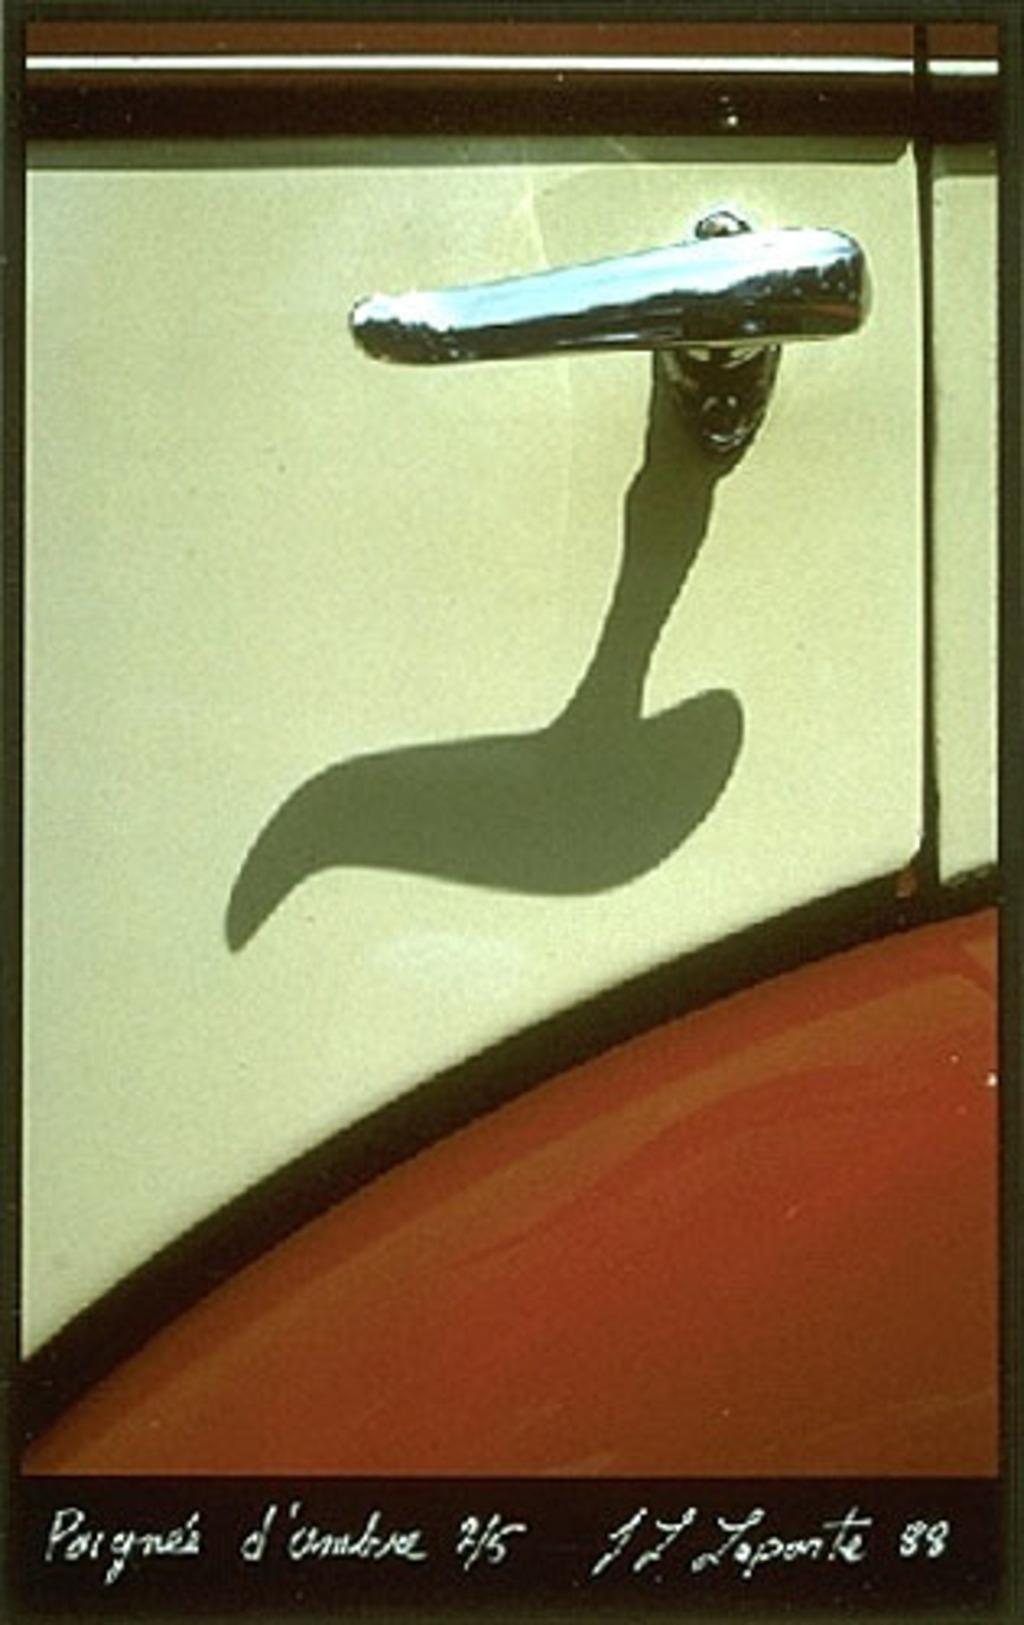 Poignée d'ombre